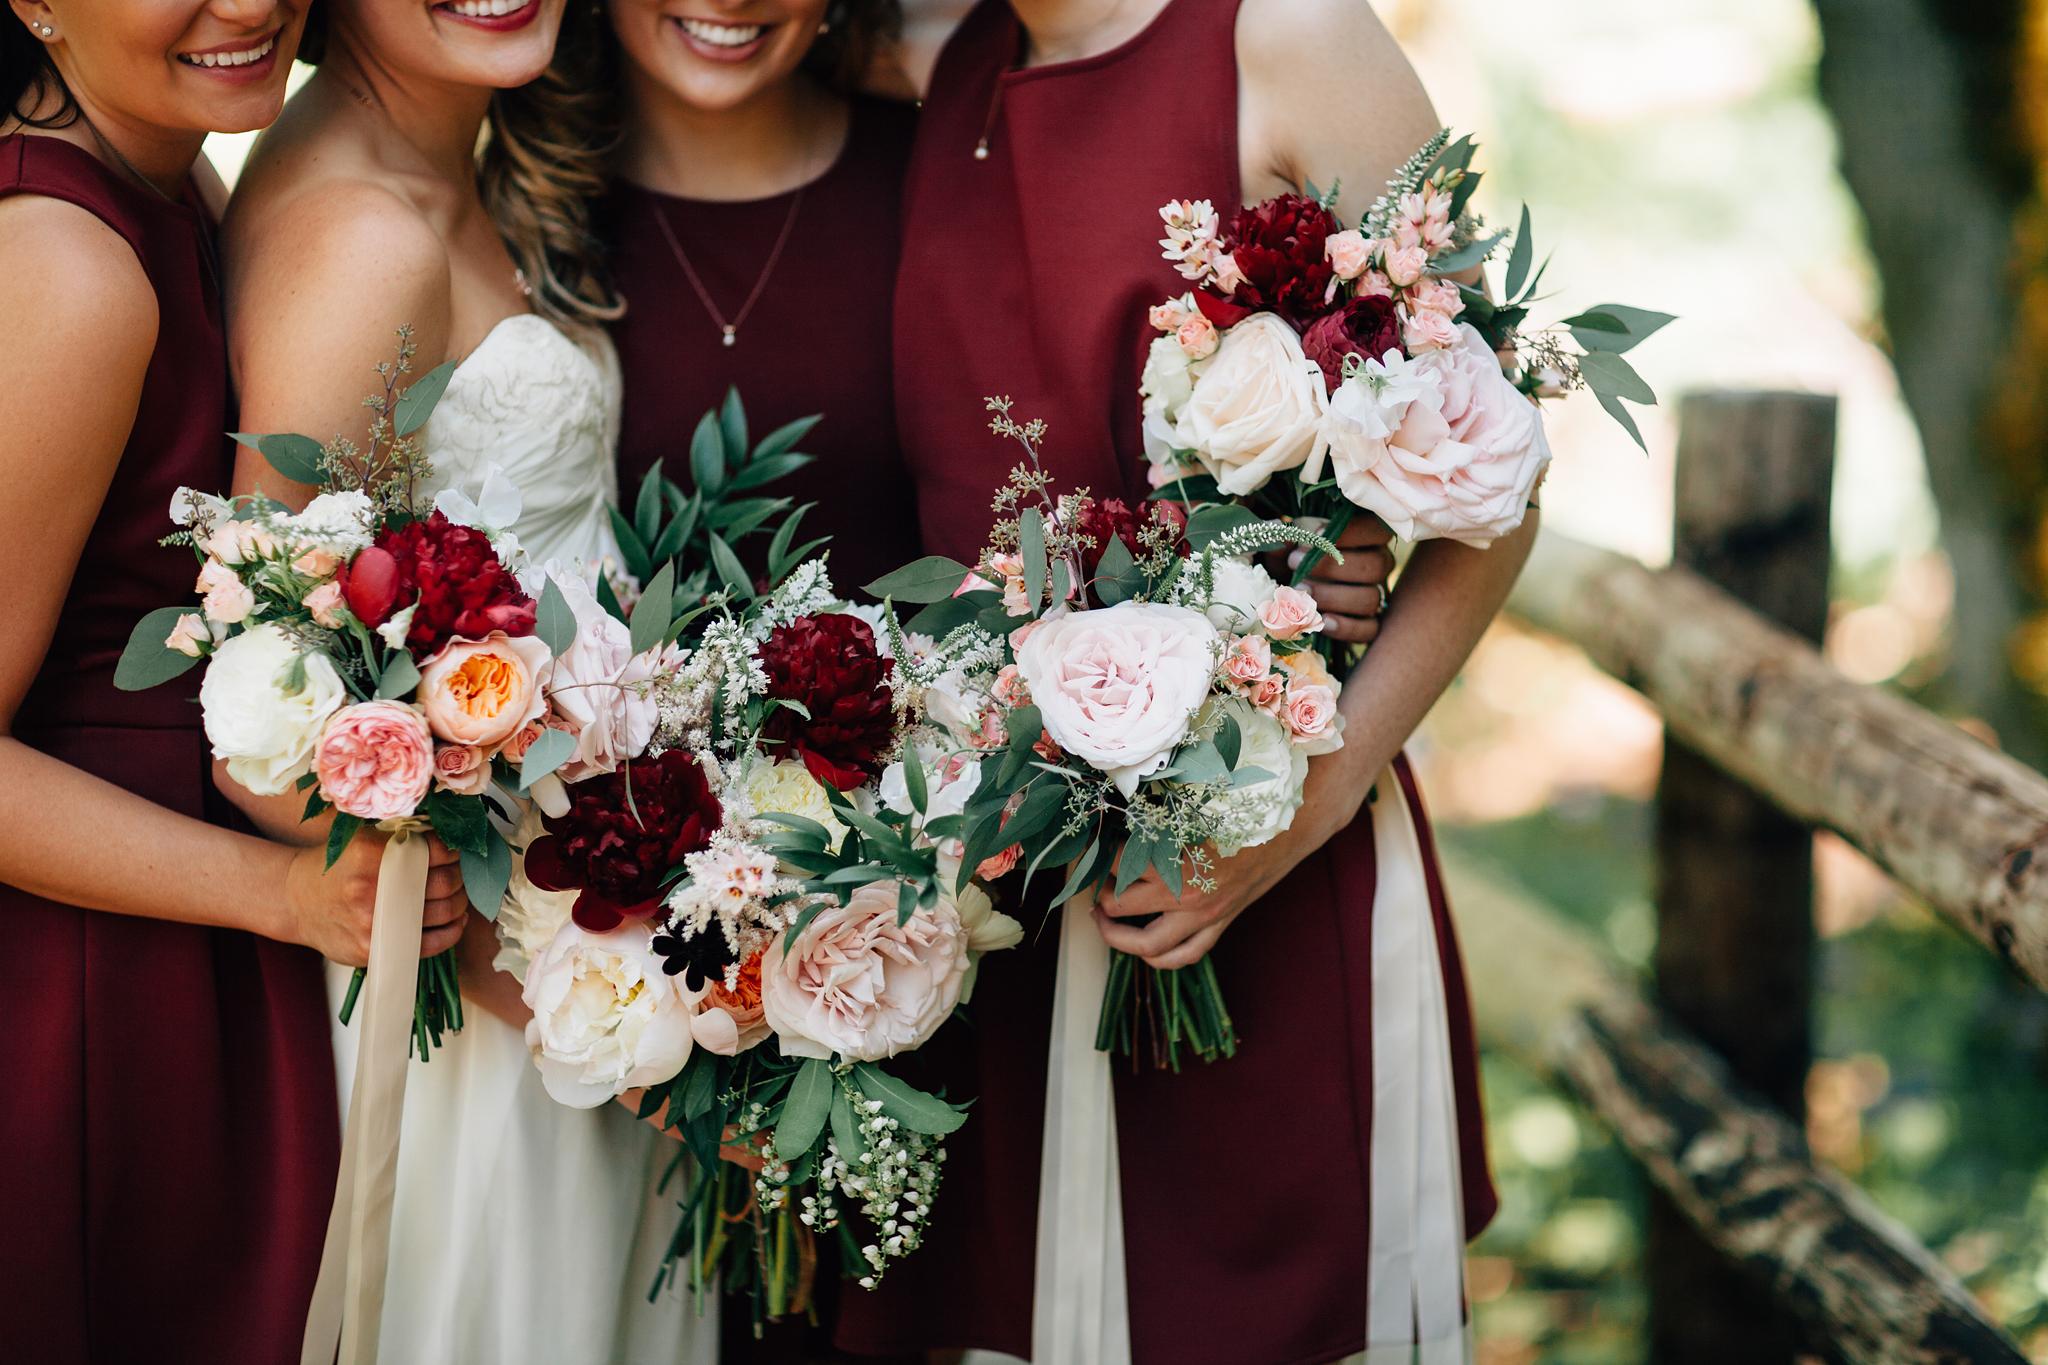 bridesmainds bouquets